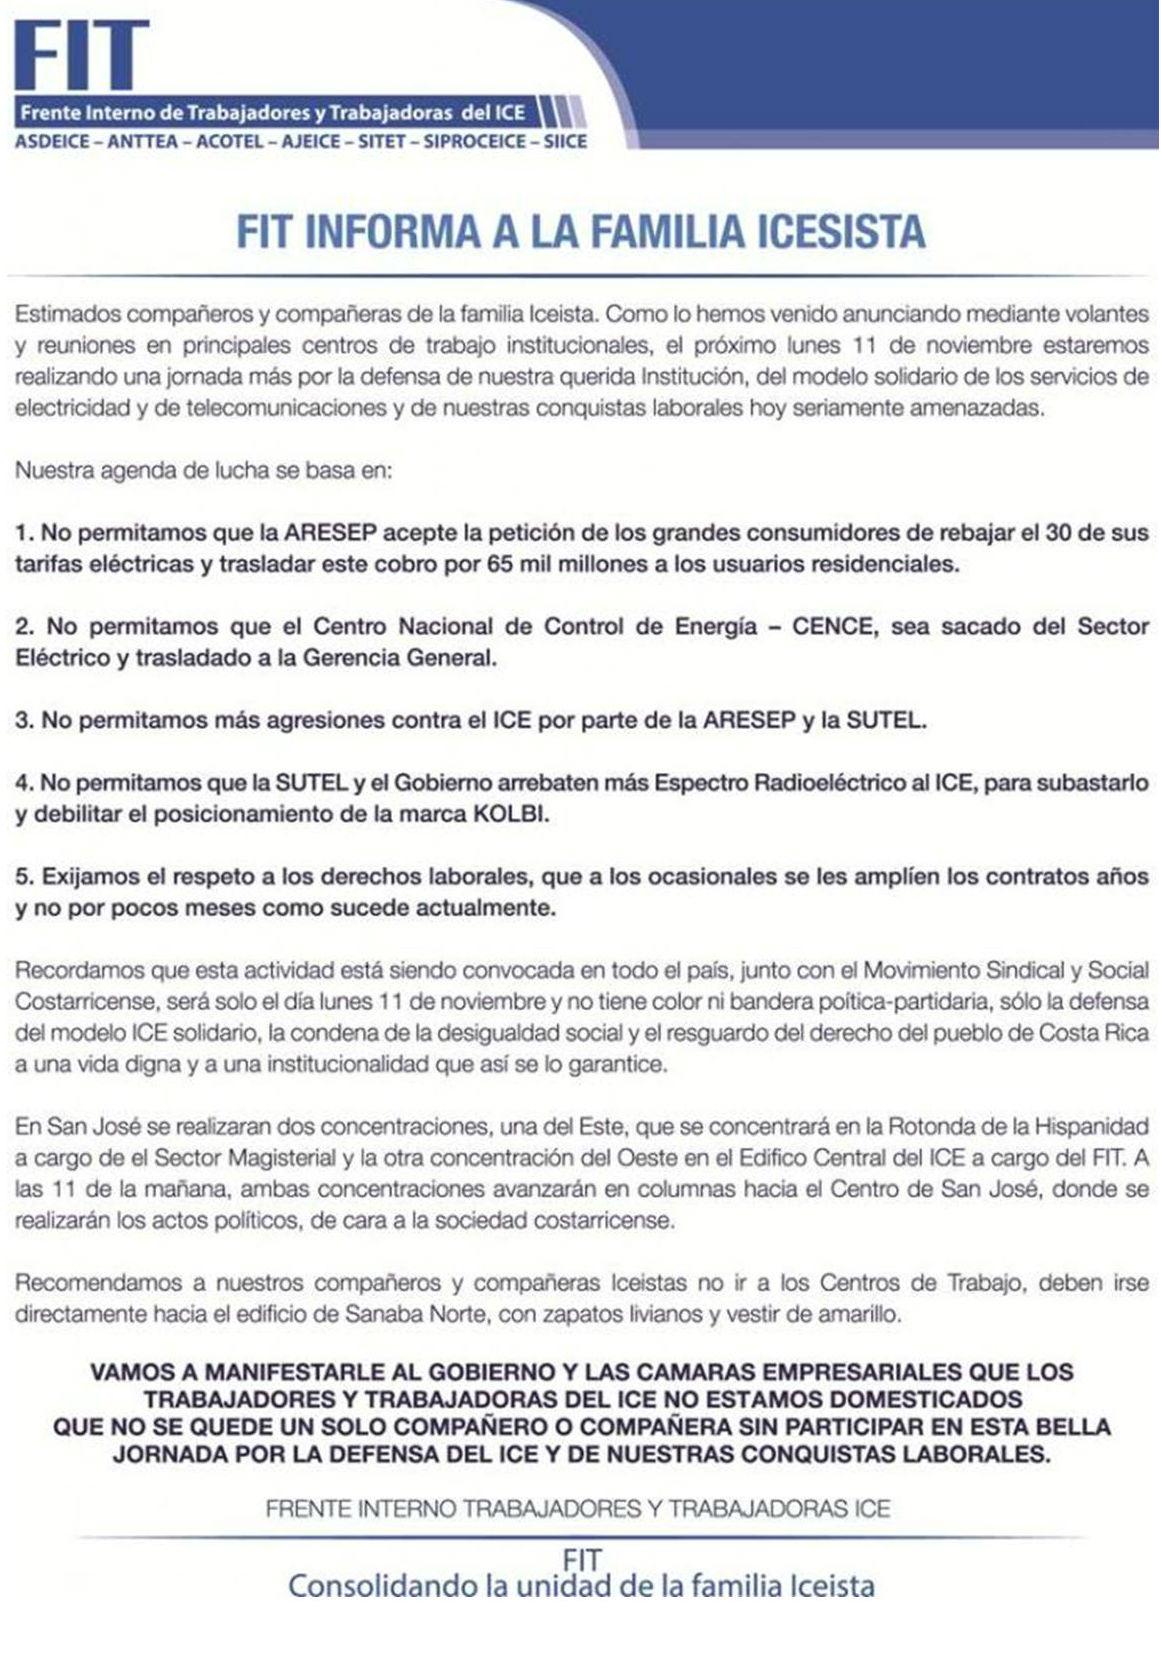 Jornada solidaria del 11 de noviembre - Defensa del modelo ICE solidario